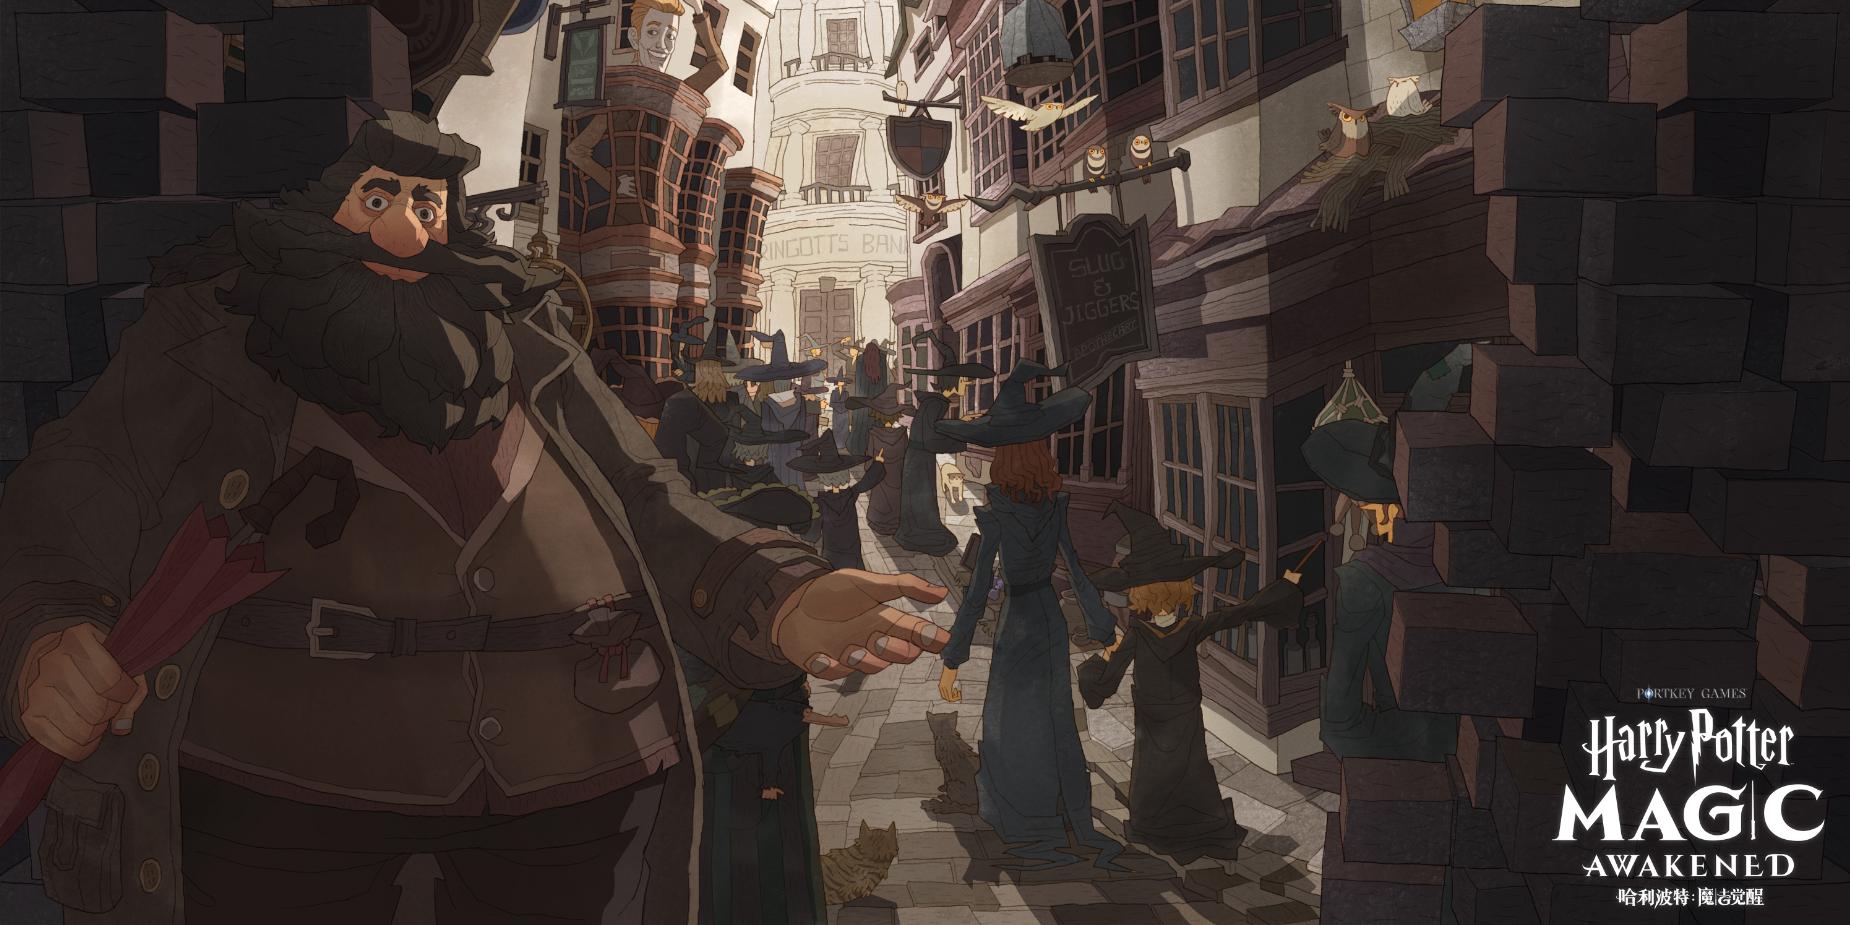 Ilustração de Hagrid apresentando o Beco Diagonal através da parece de tijolos do Caldeirão Furado.